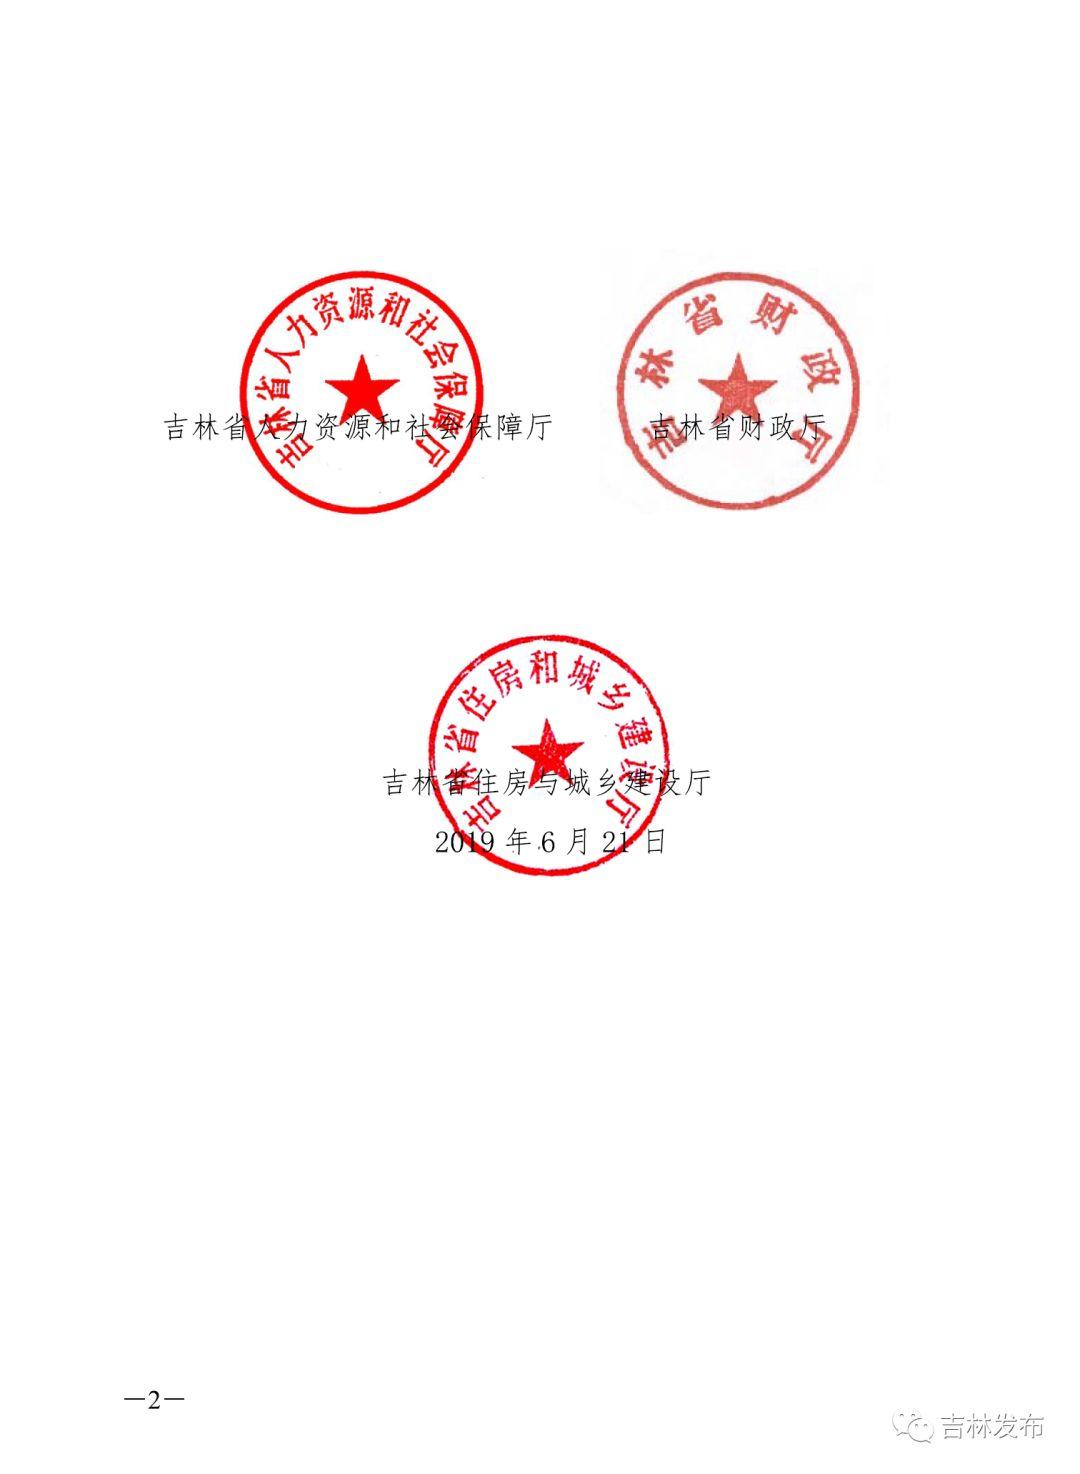 c31c18f93c9b485ea63e9d337a84a2d3.jpeg